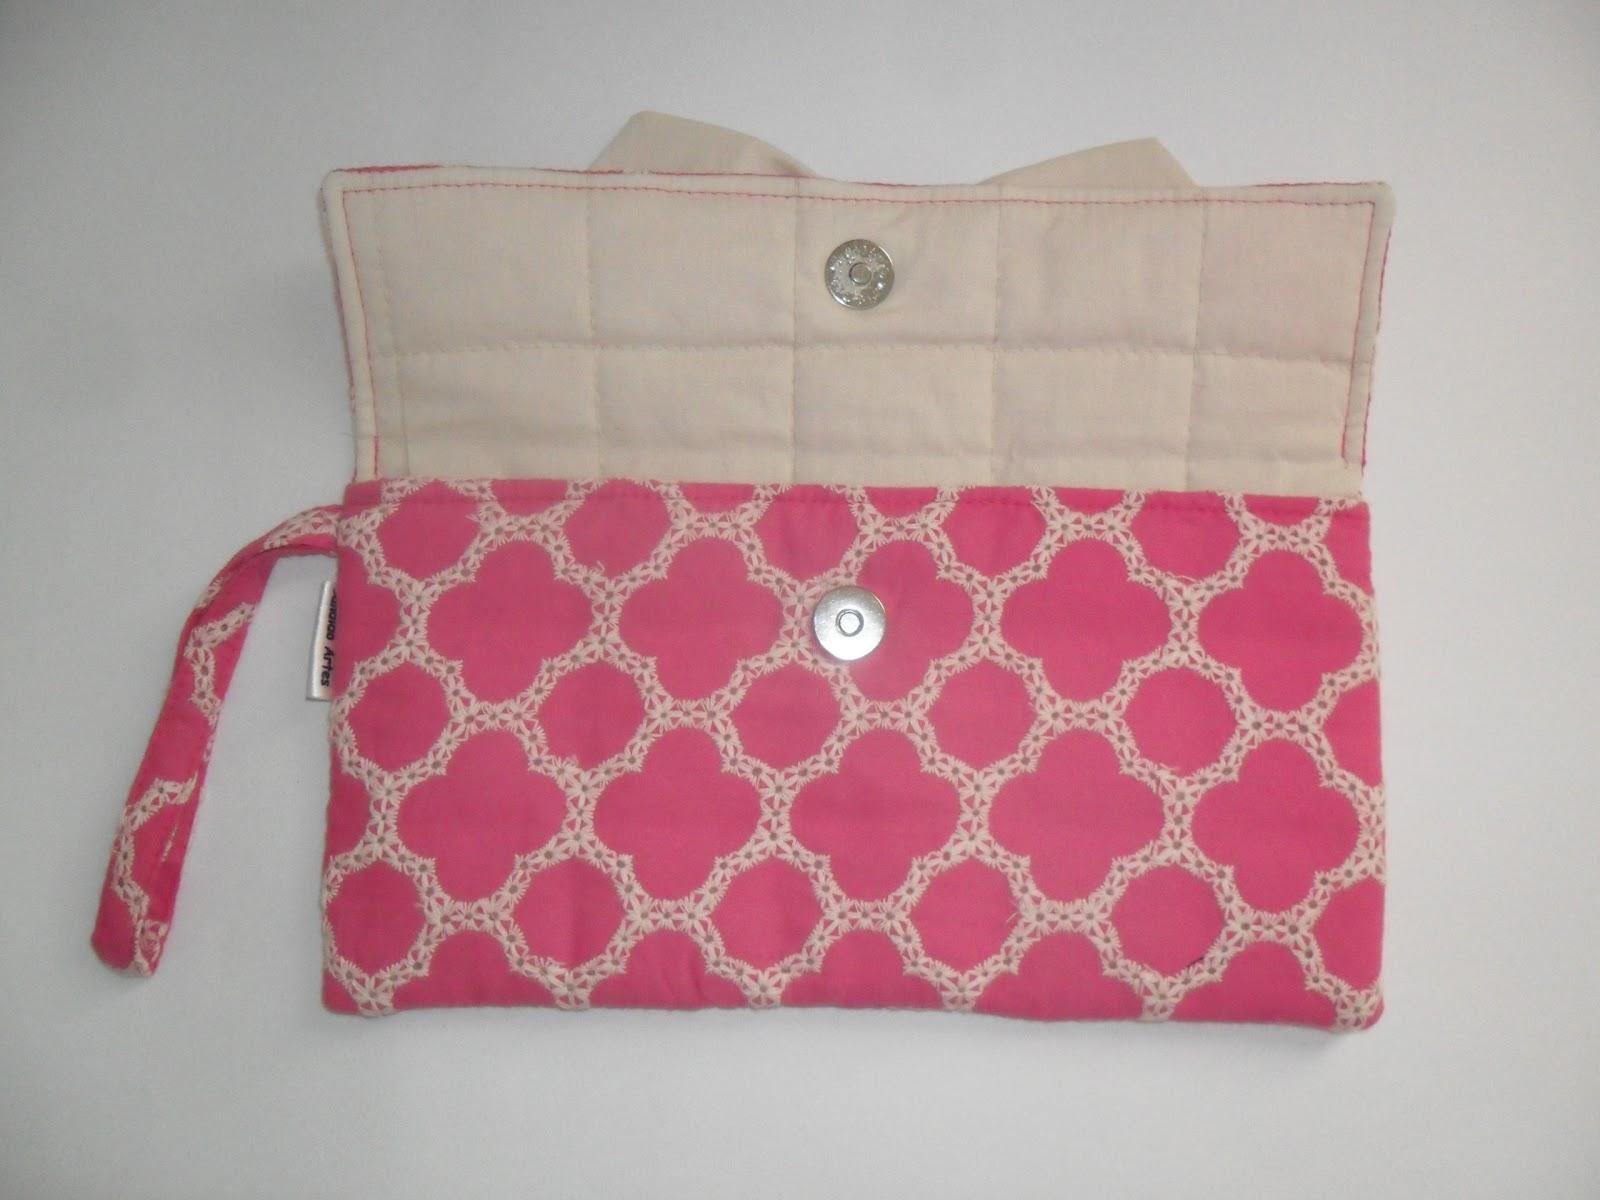 Bolsa Em Algodão Cru Passo A Passo : Artesanato candido artes bolsa de m?o carteira pink com la?o